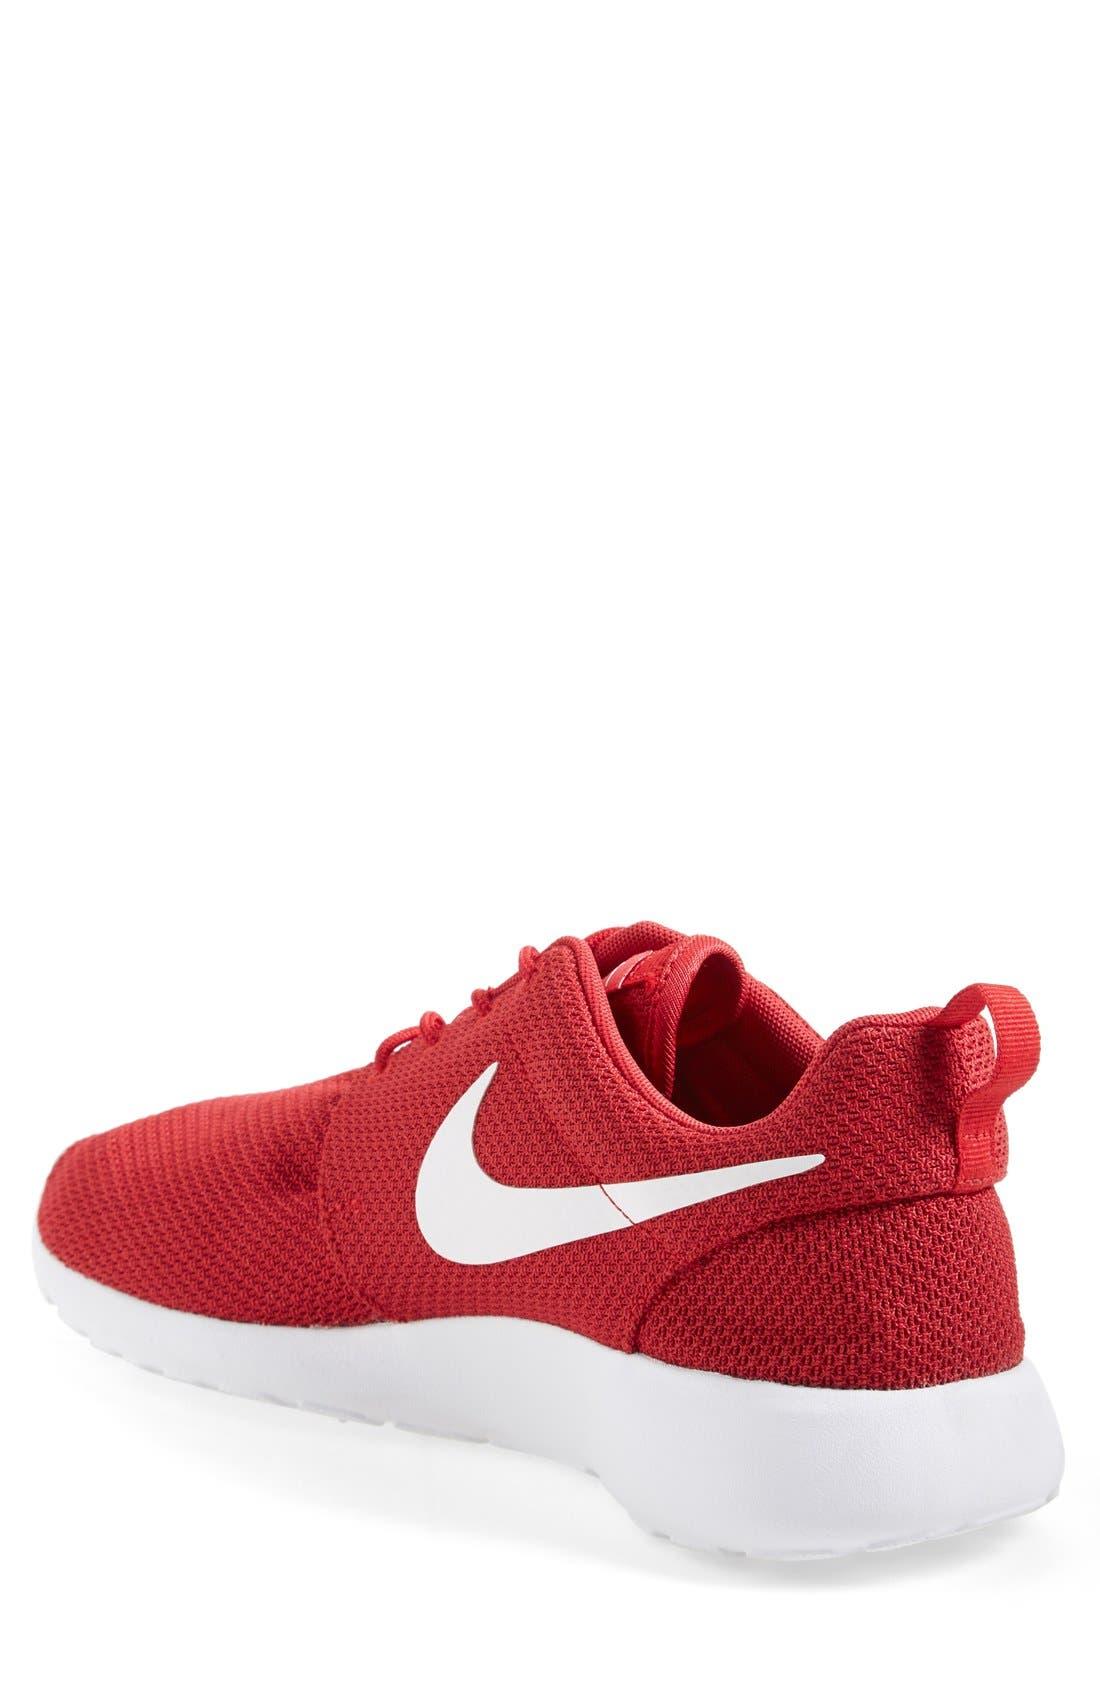 ,                             'Roshe Run' Sneaker,                             Alternate thumbnail 134, color,                             612